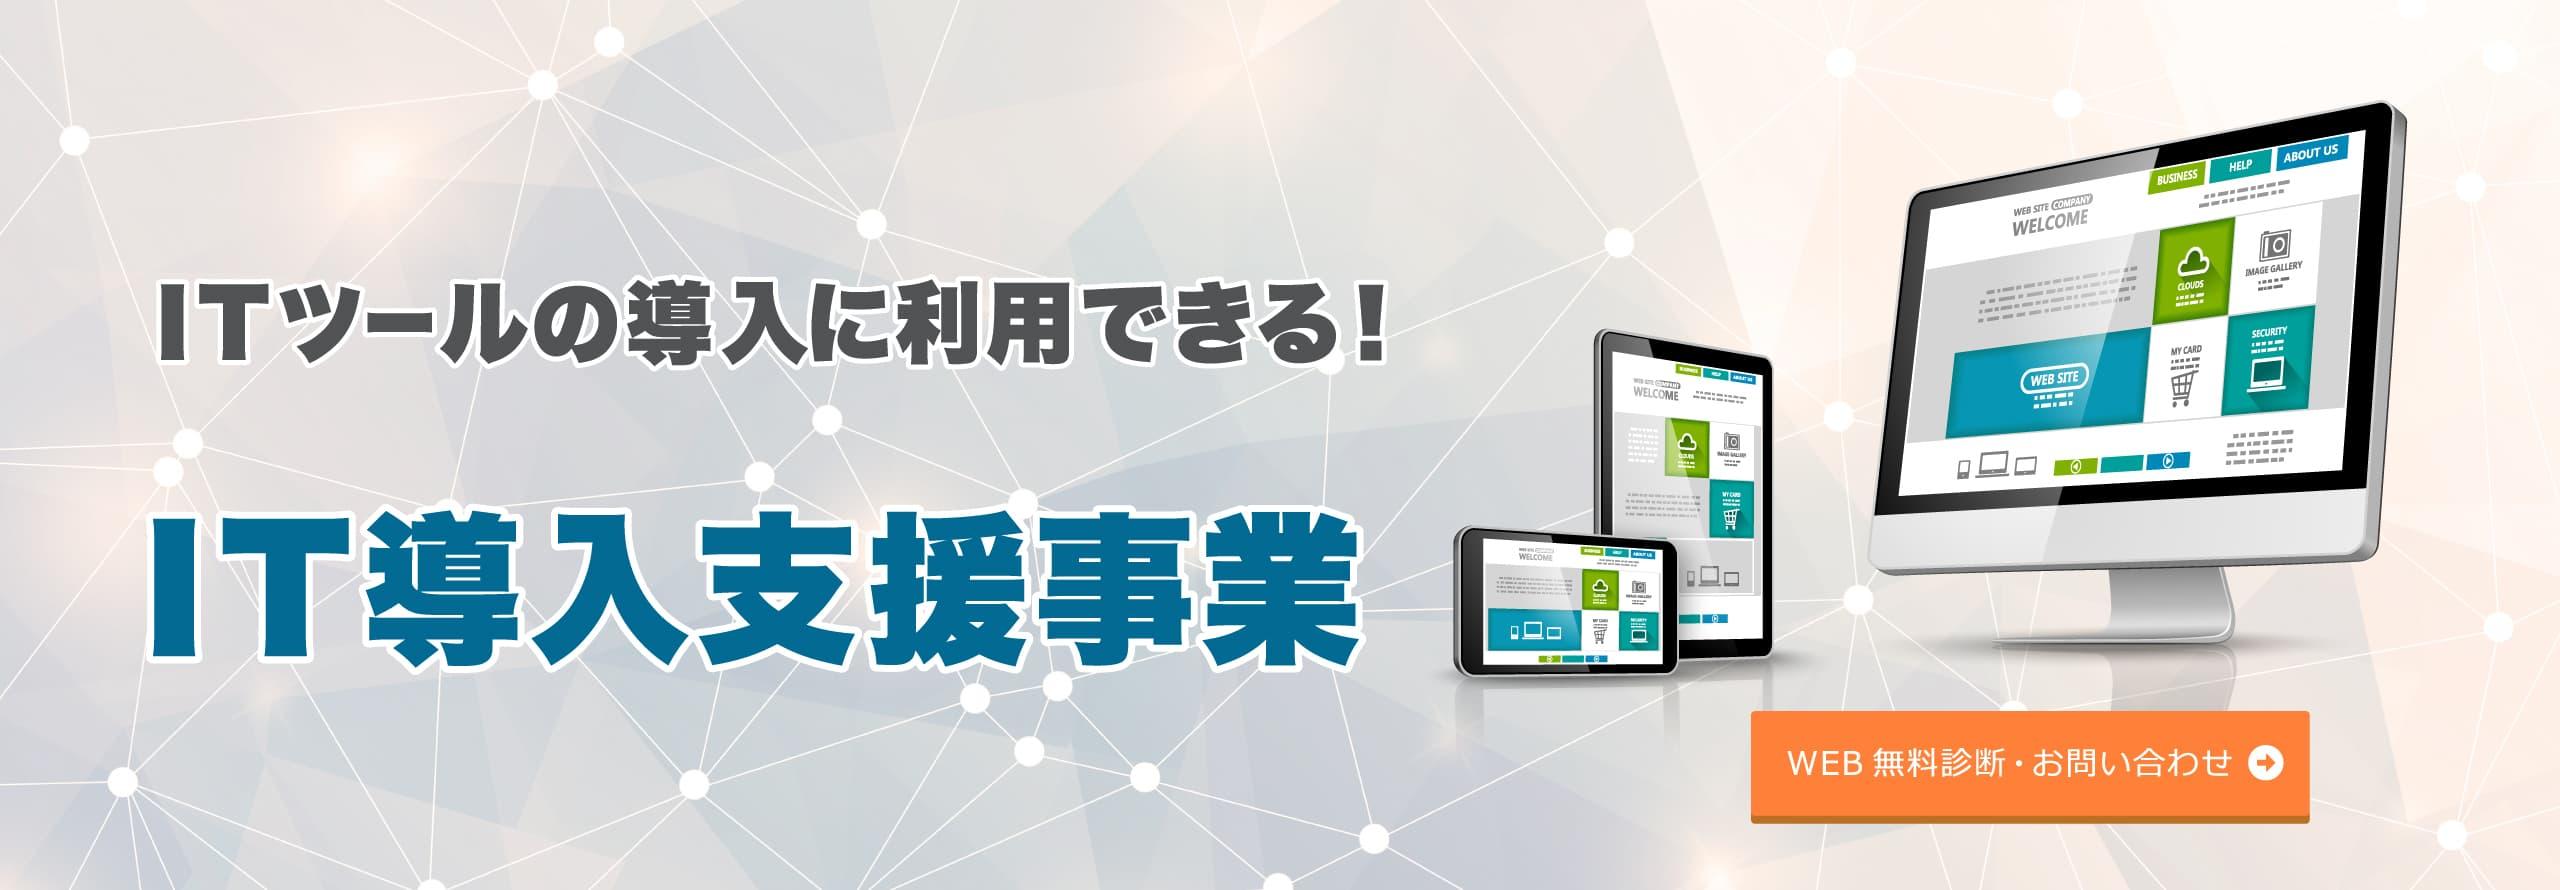 ITツールの導入に利用できる!IT導入支援事業